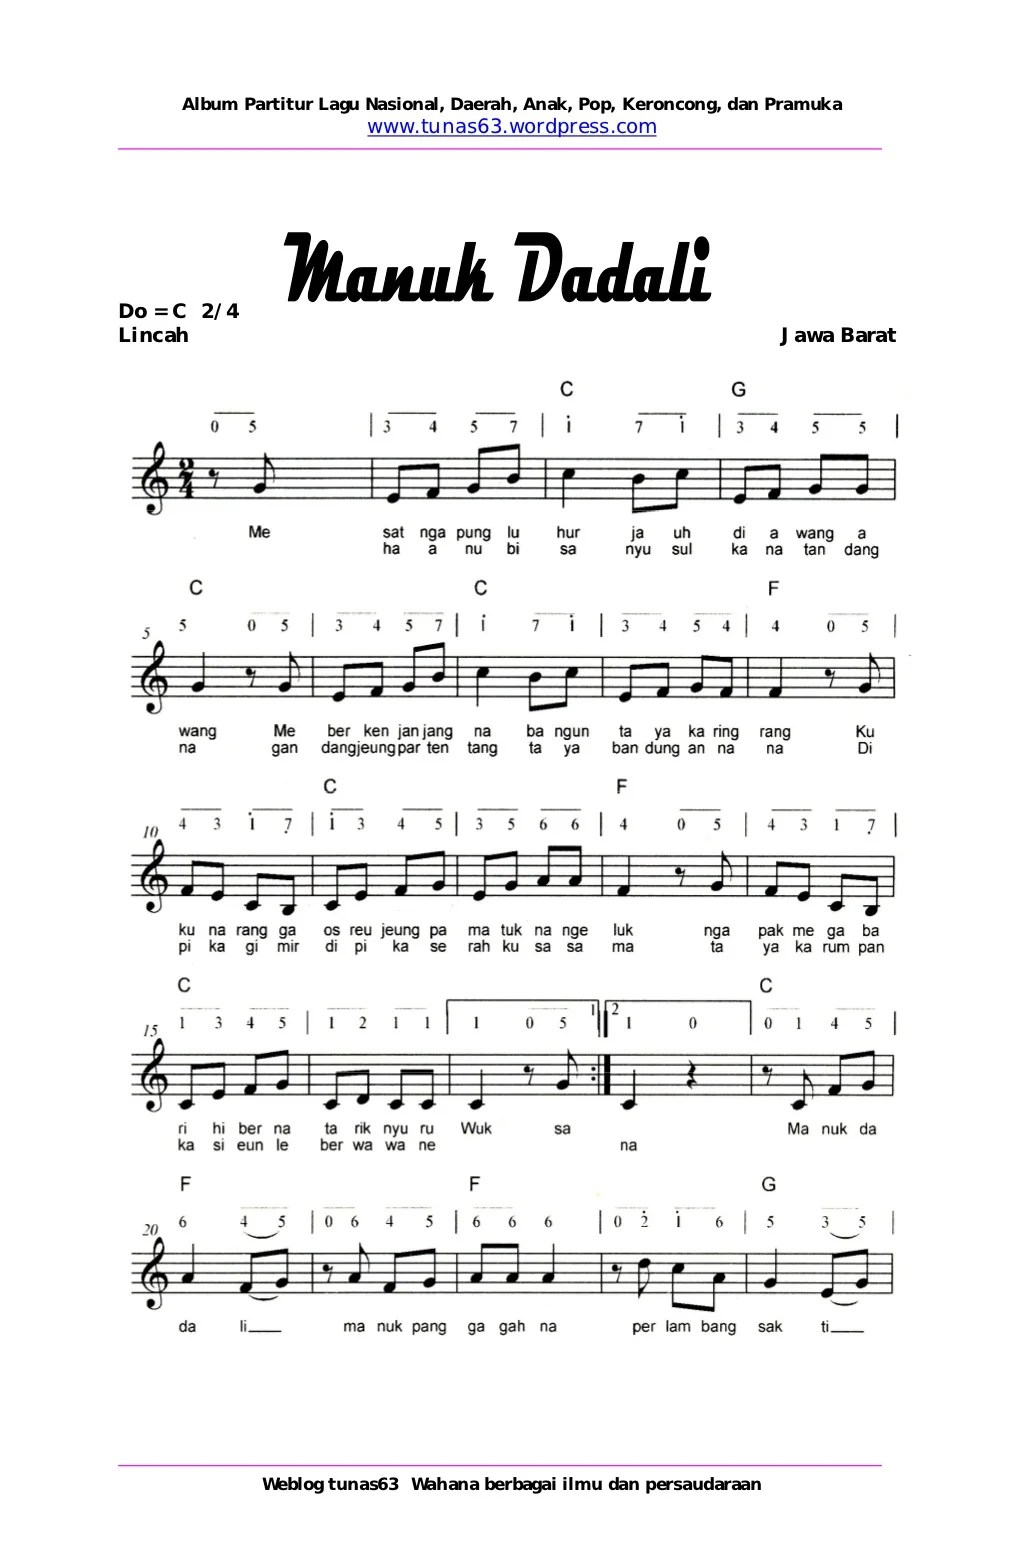 Not Pianika Manuk Dadali : pianika, manuk, dadali, Manuk, Dadali, Partitur